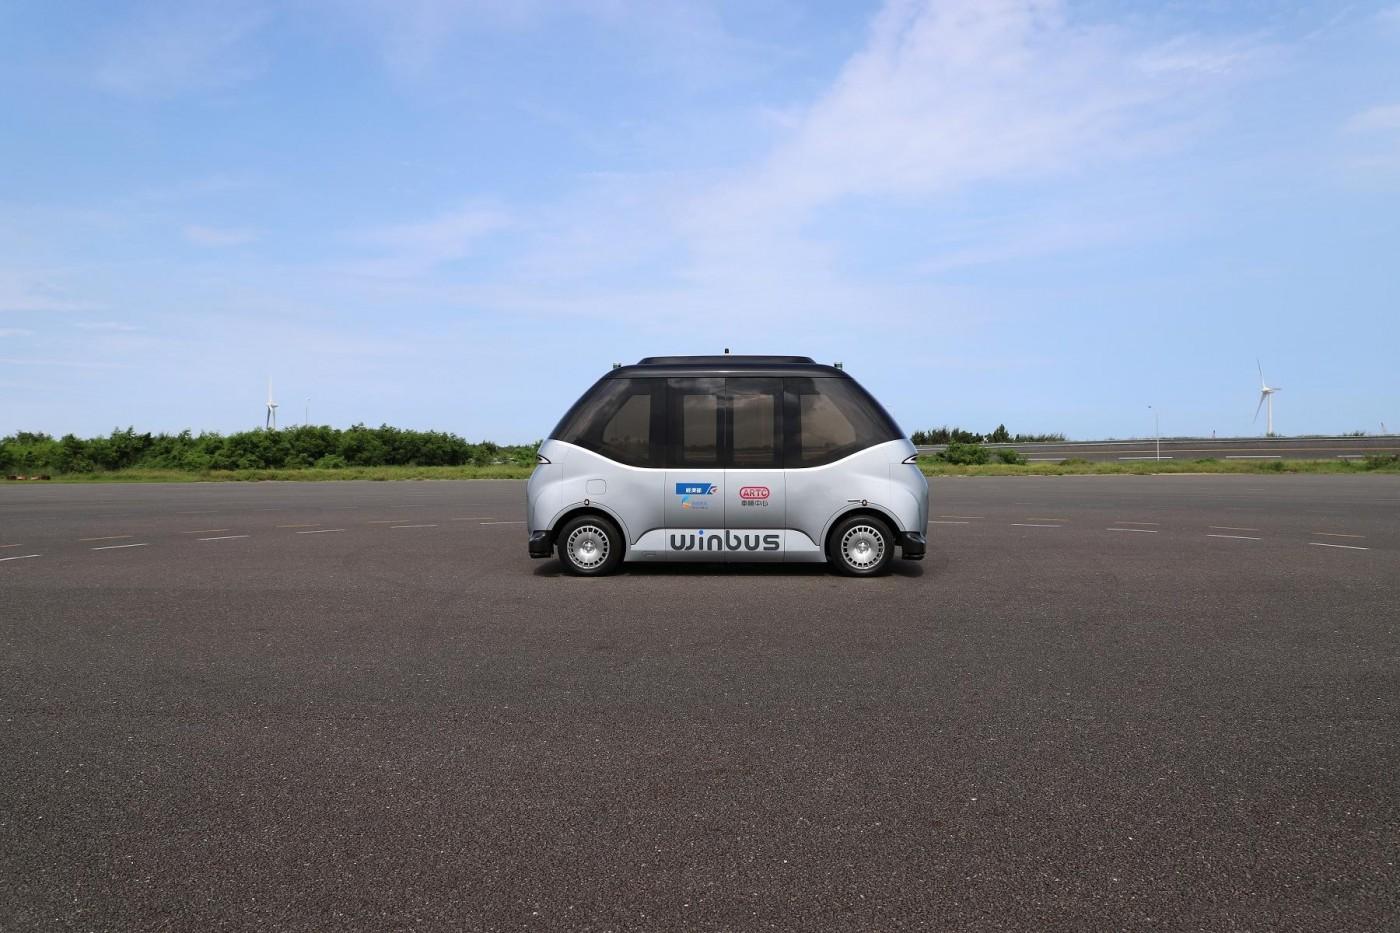 自駕車、飛天車都適用,無人載具實驗條例即日起開放申請